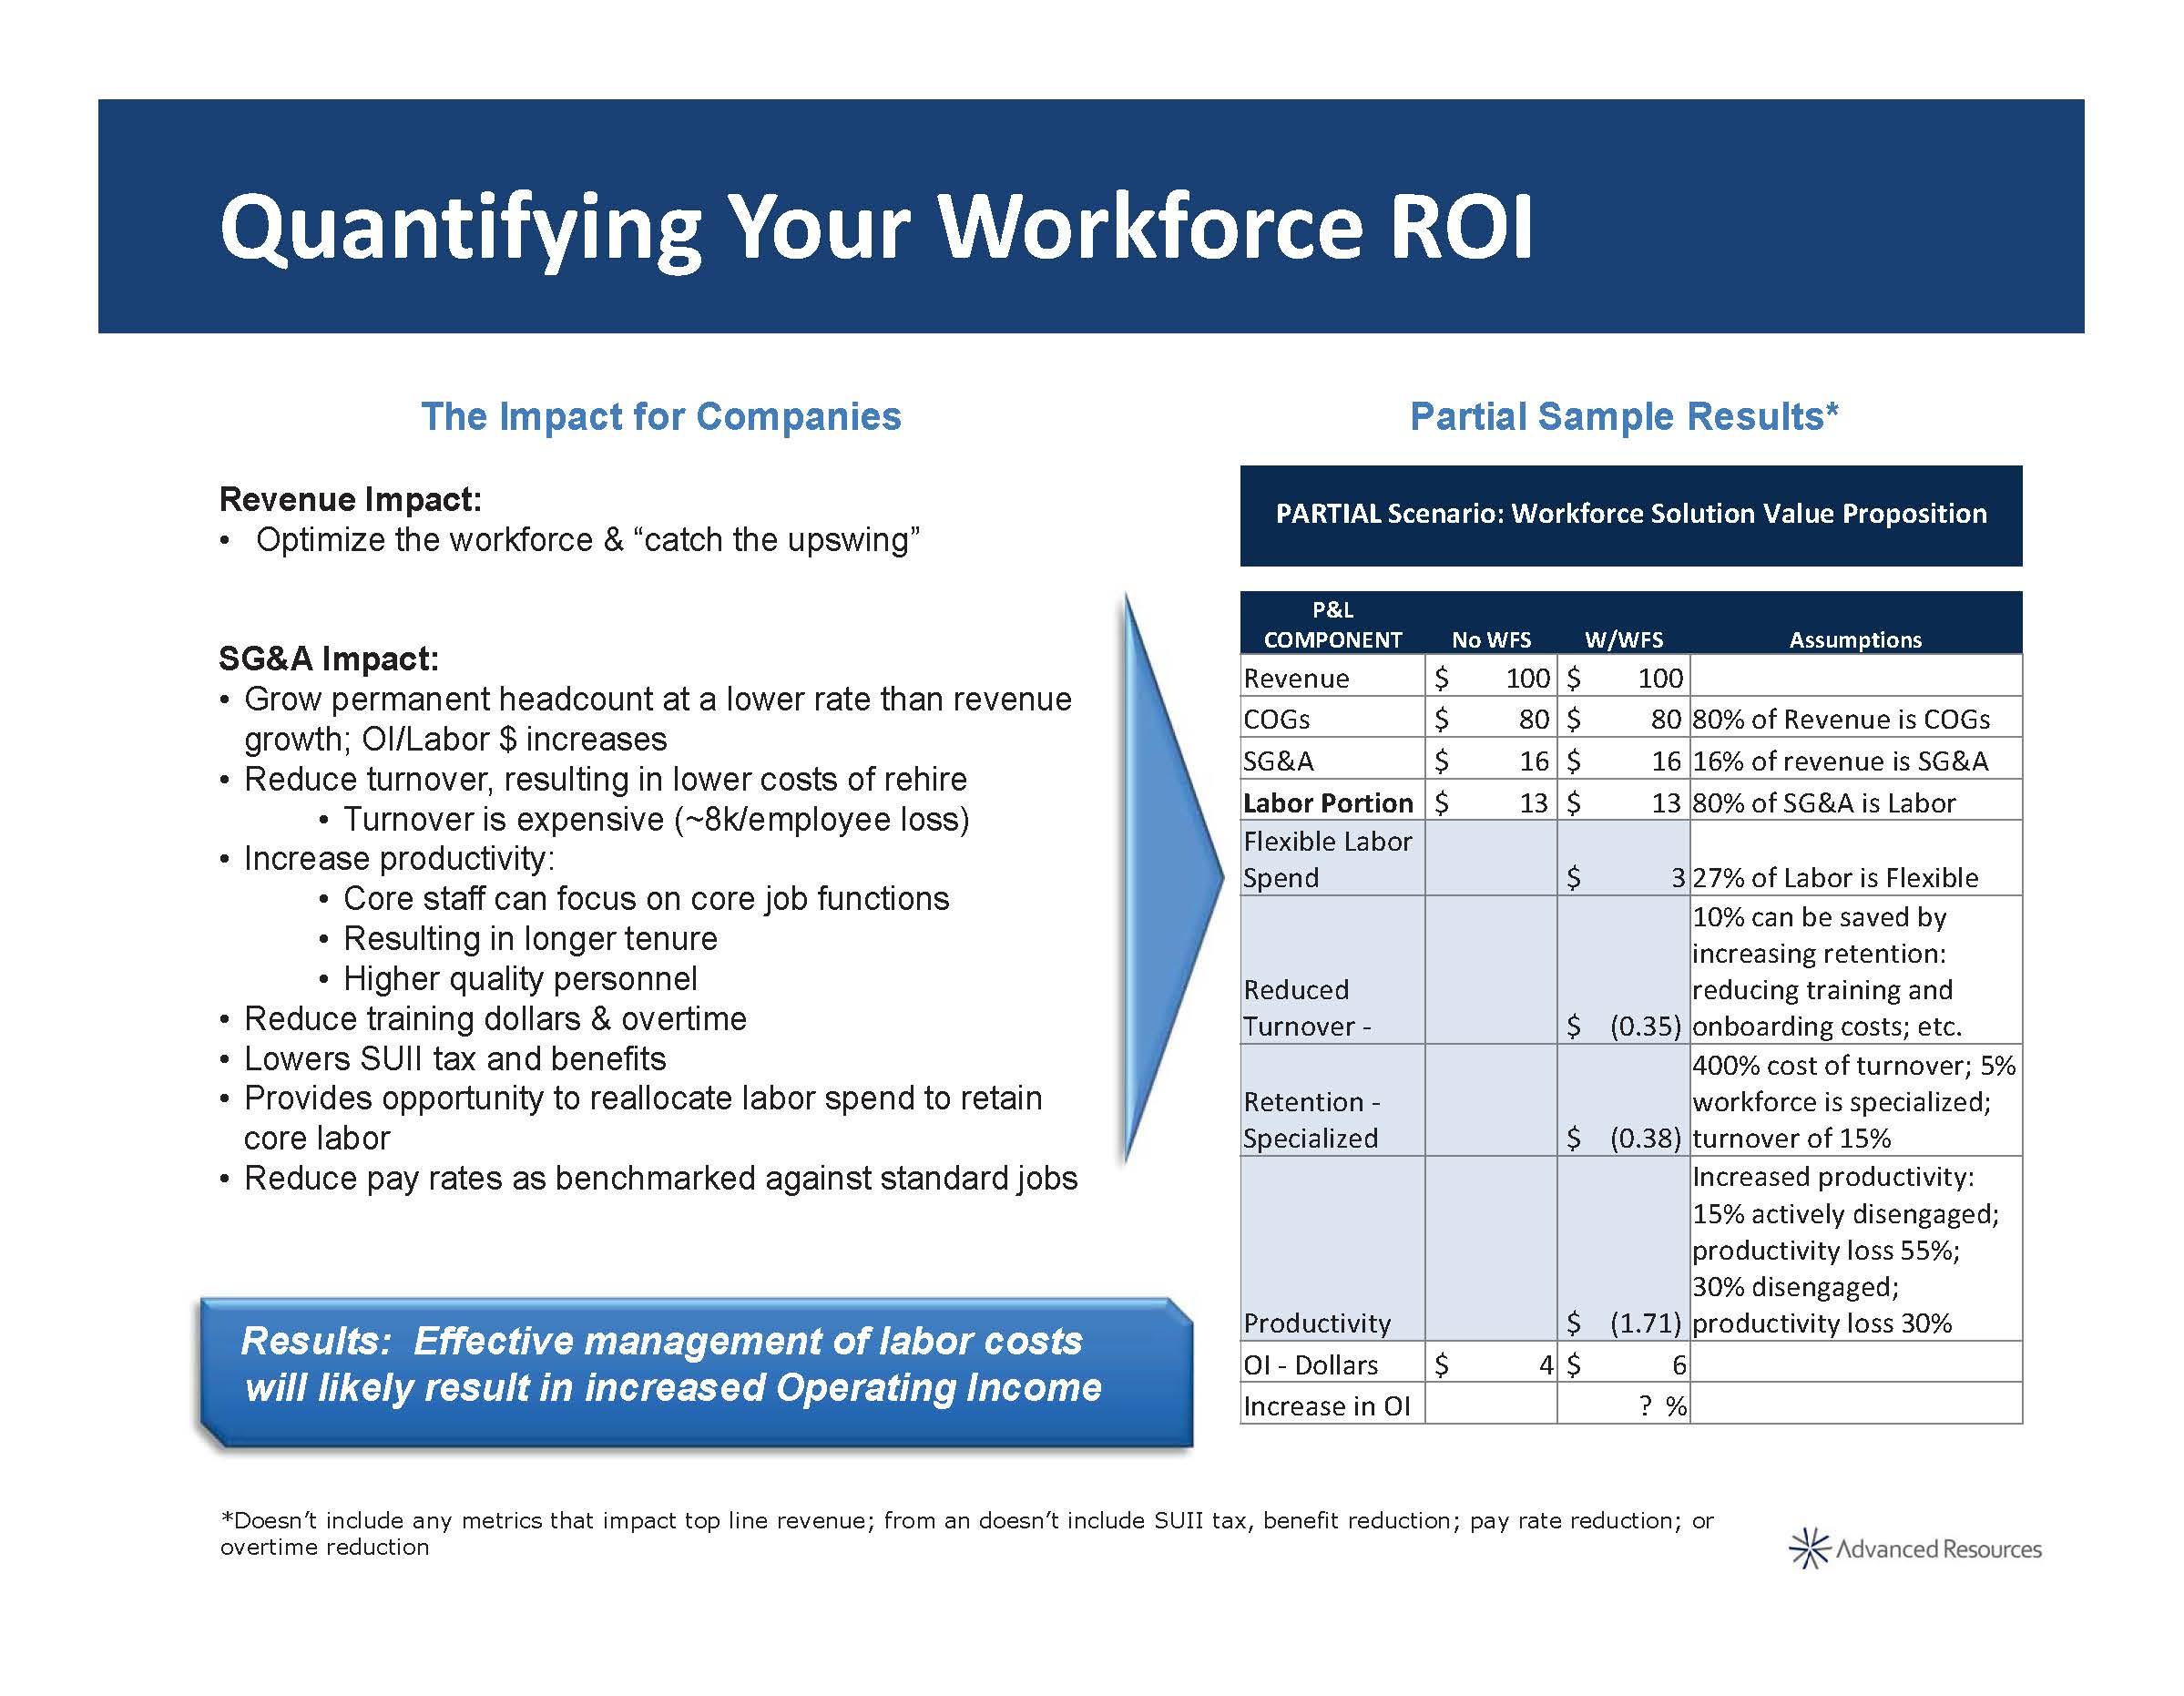 Quantifying Workforce ROI.jpg